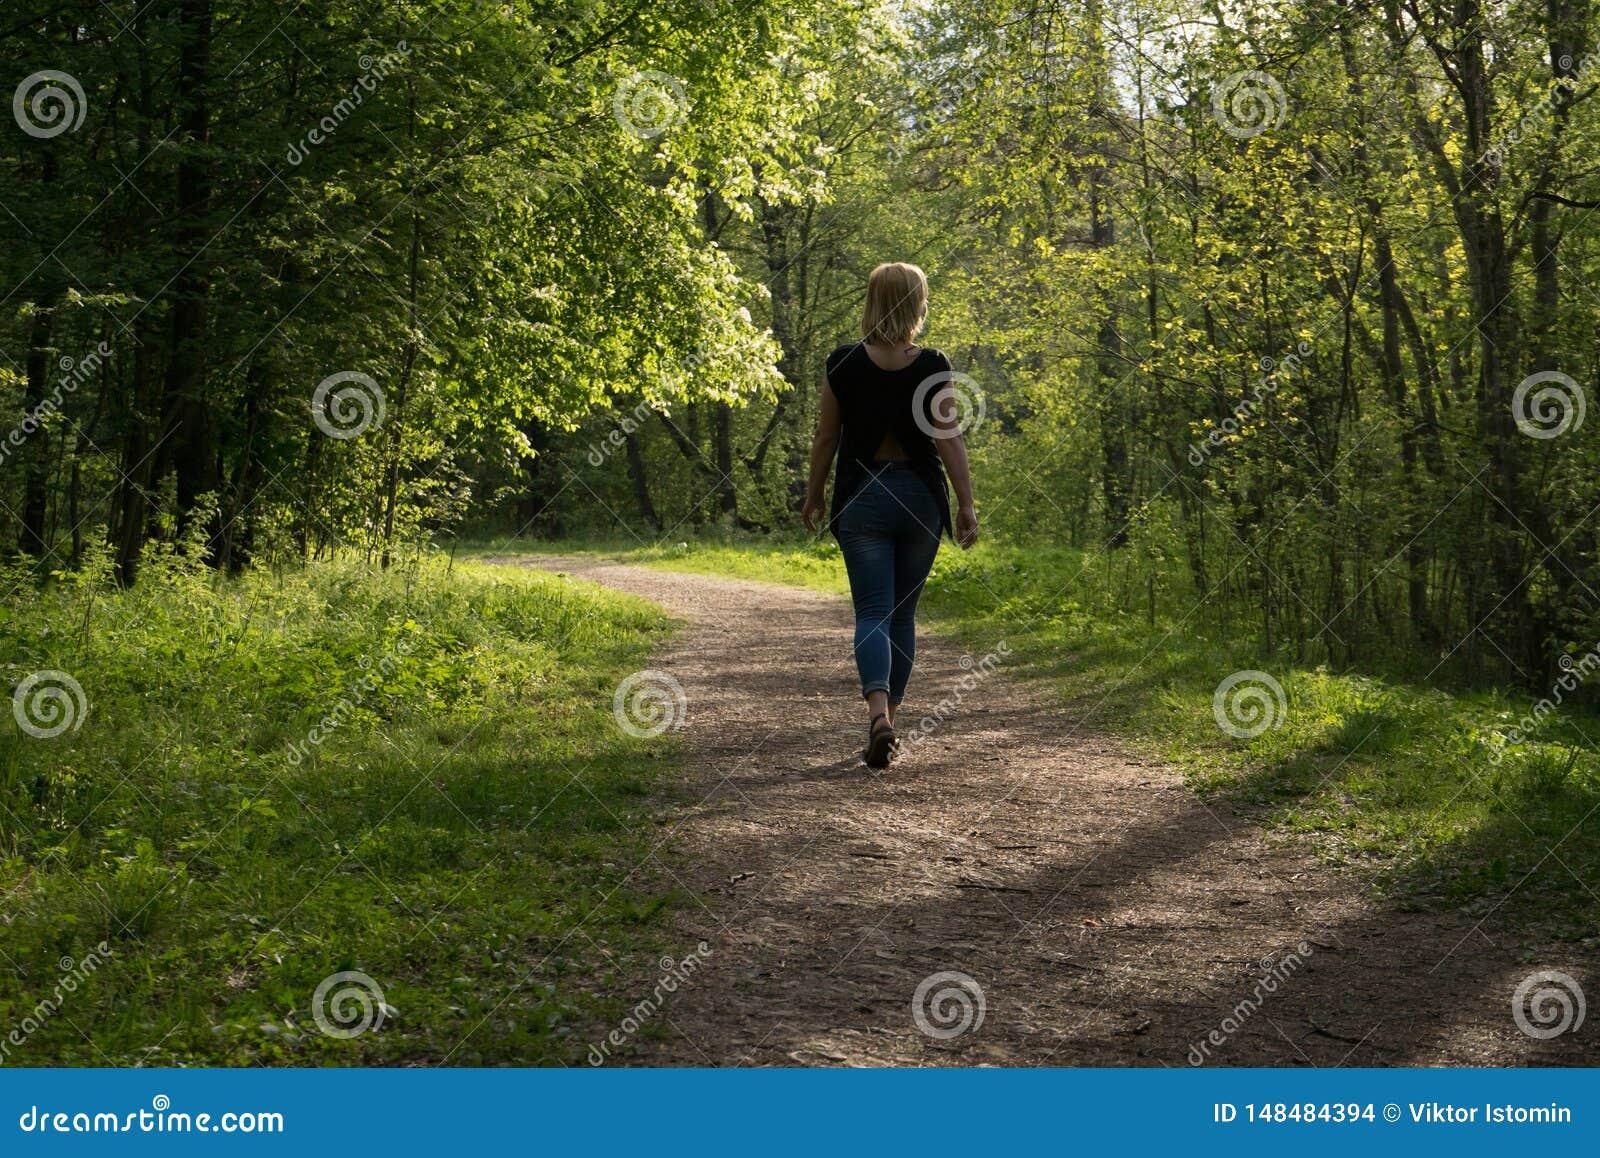 Μια καλημέρα για τους περιπάτους και η χαρά της φρεσκάδας του αέρα και της φύσης